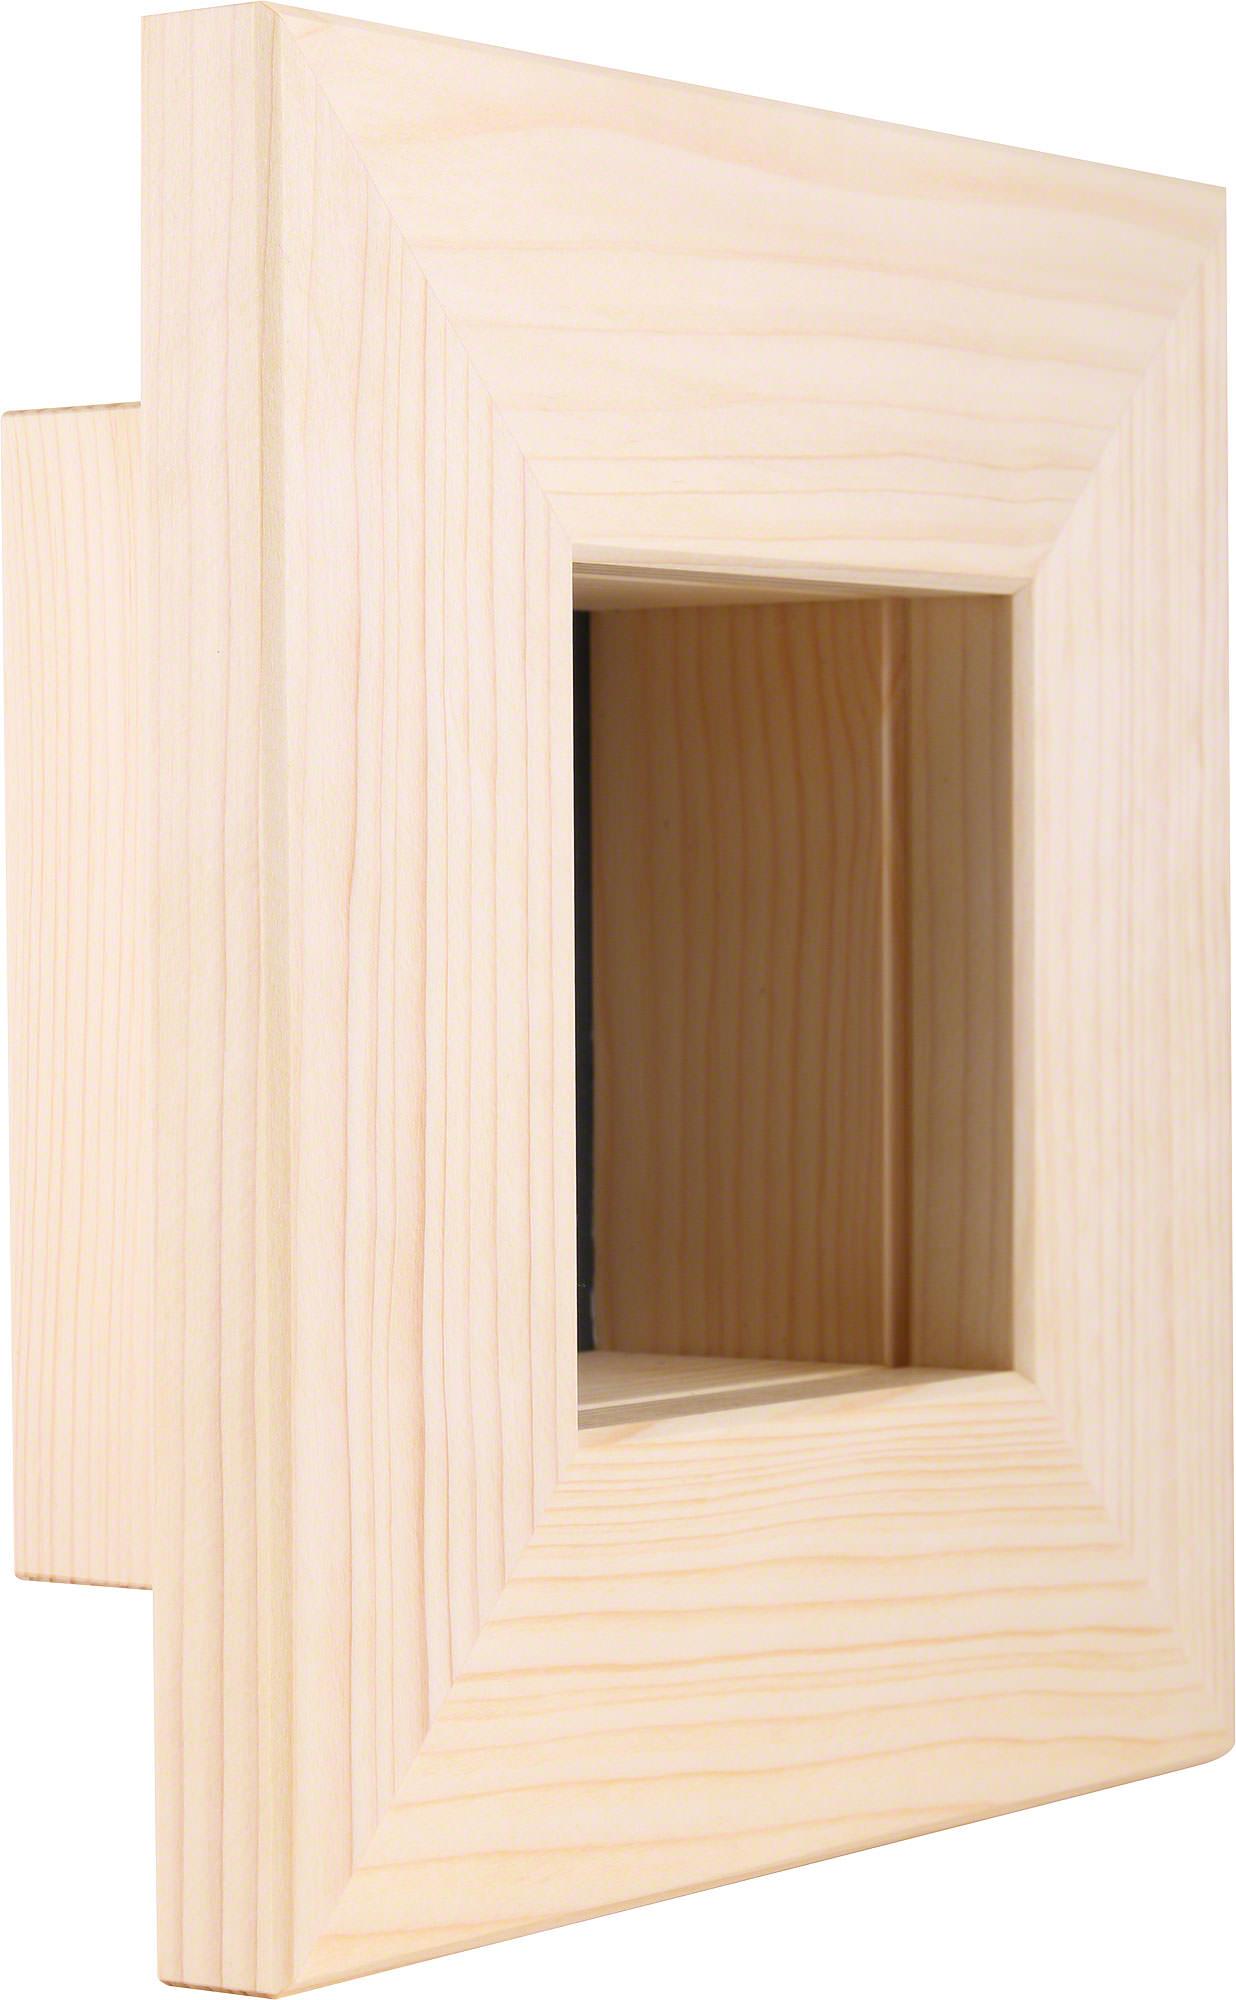 Wall Frame Natural (23×23×8 cm/9.1×9.1×3.2in) by Björn Köhler ...